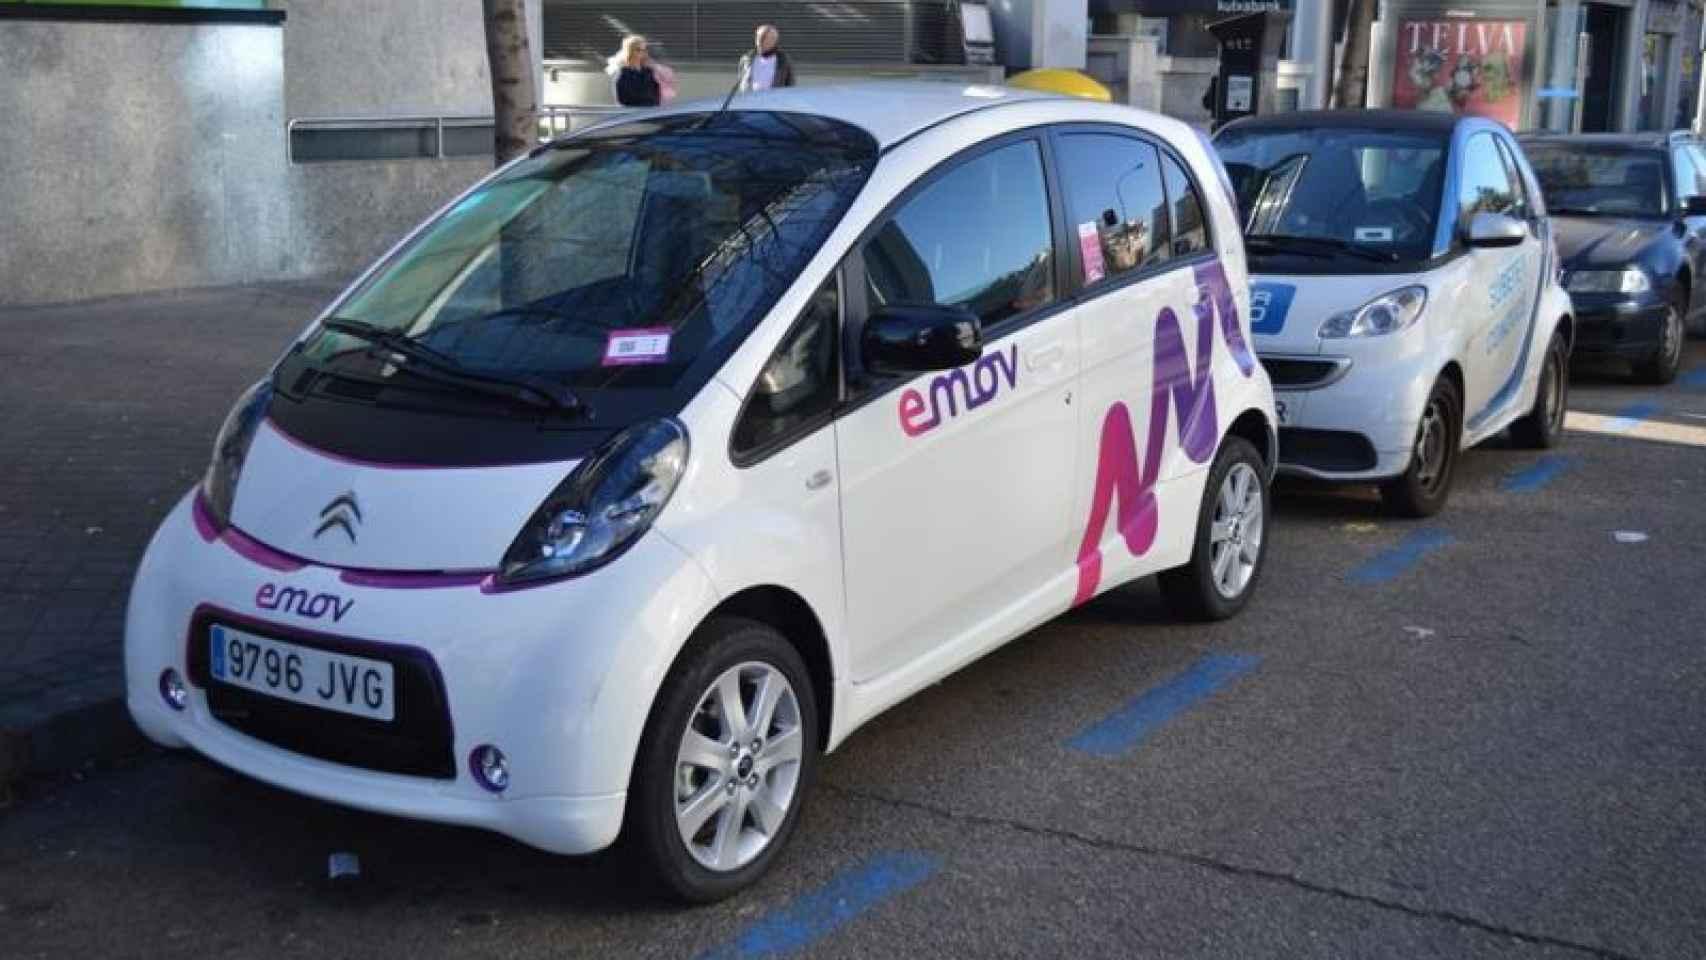 El Taxi y el sector de las VTC, unidos contra Zity, Emov, Car2go y Wible